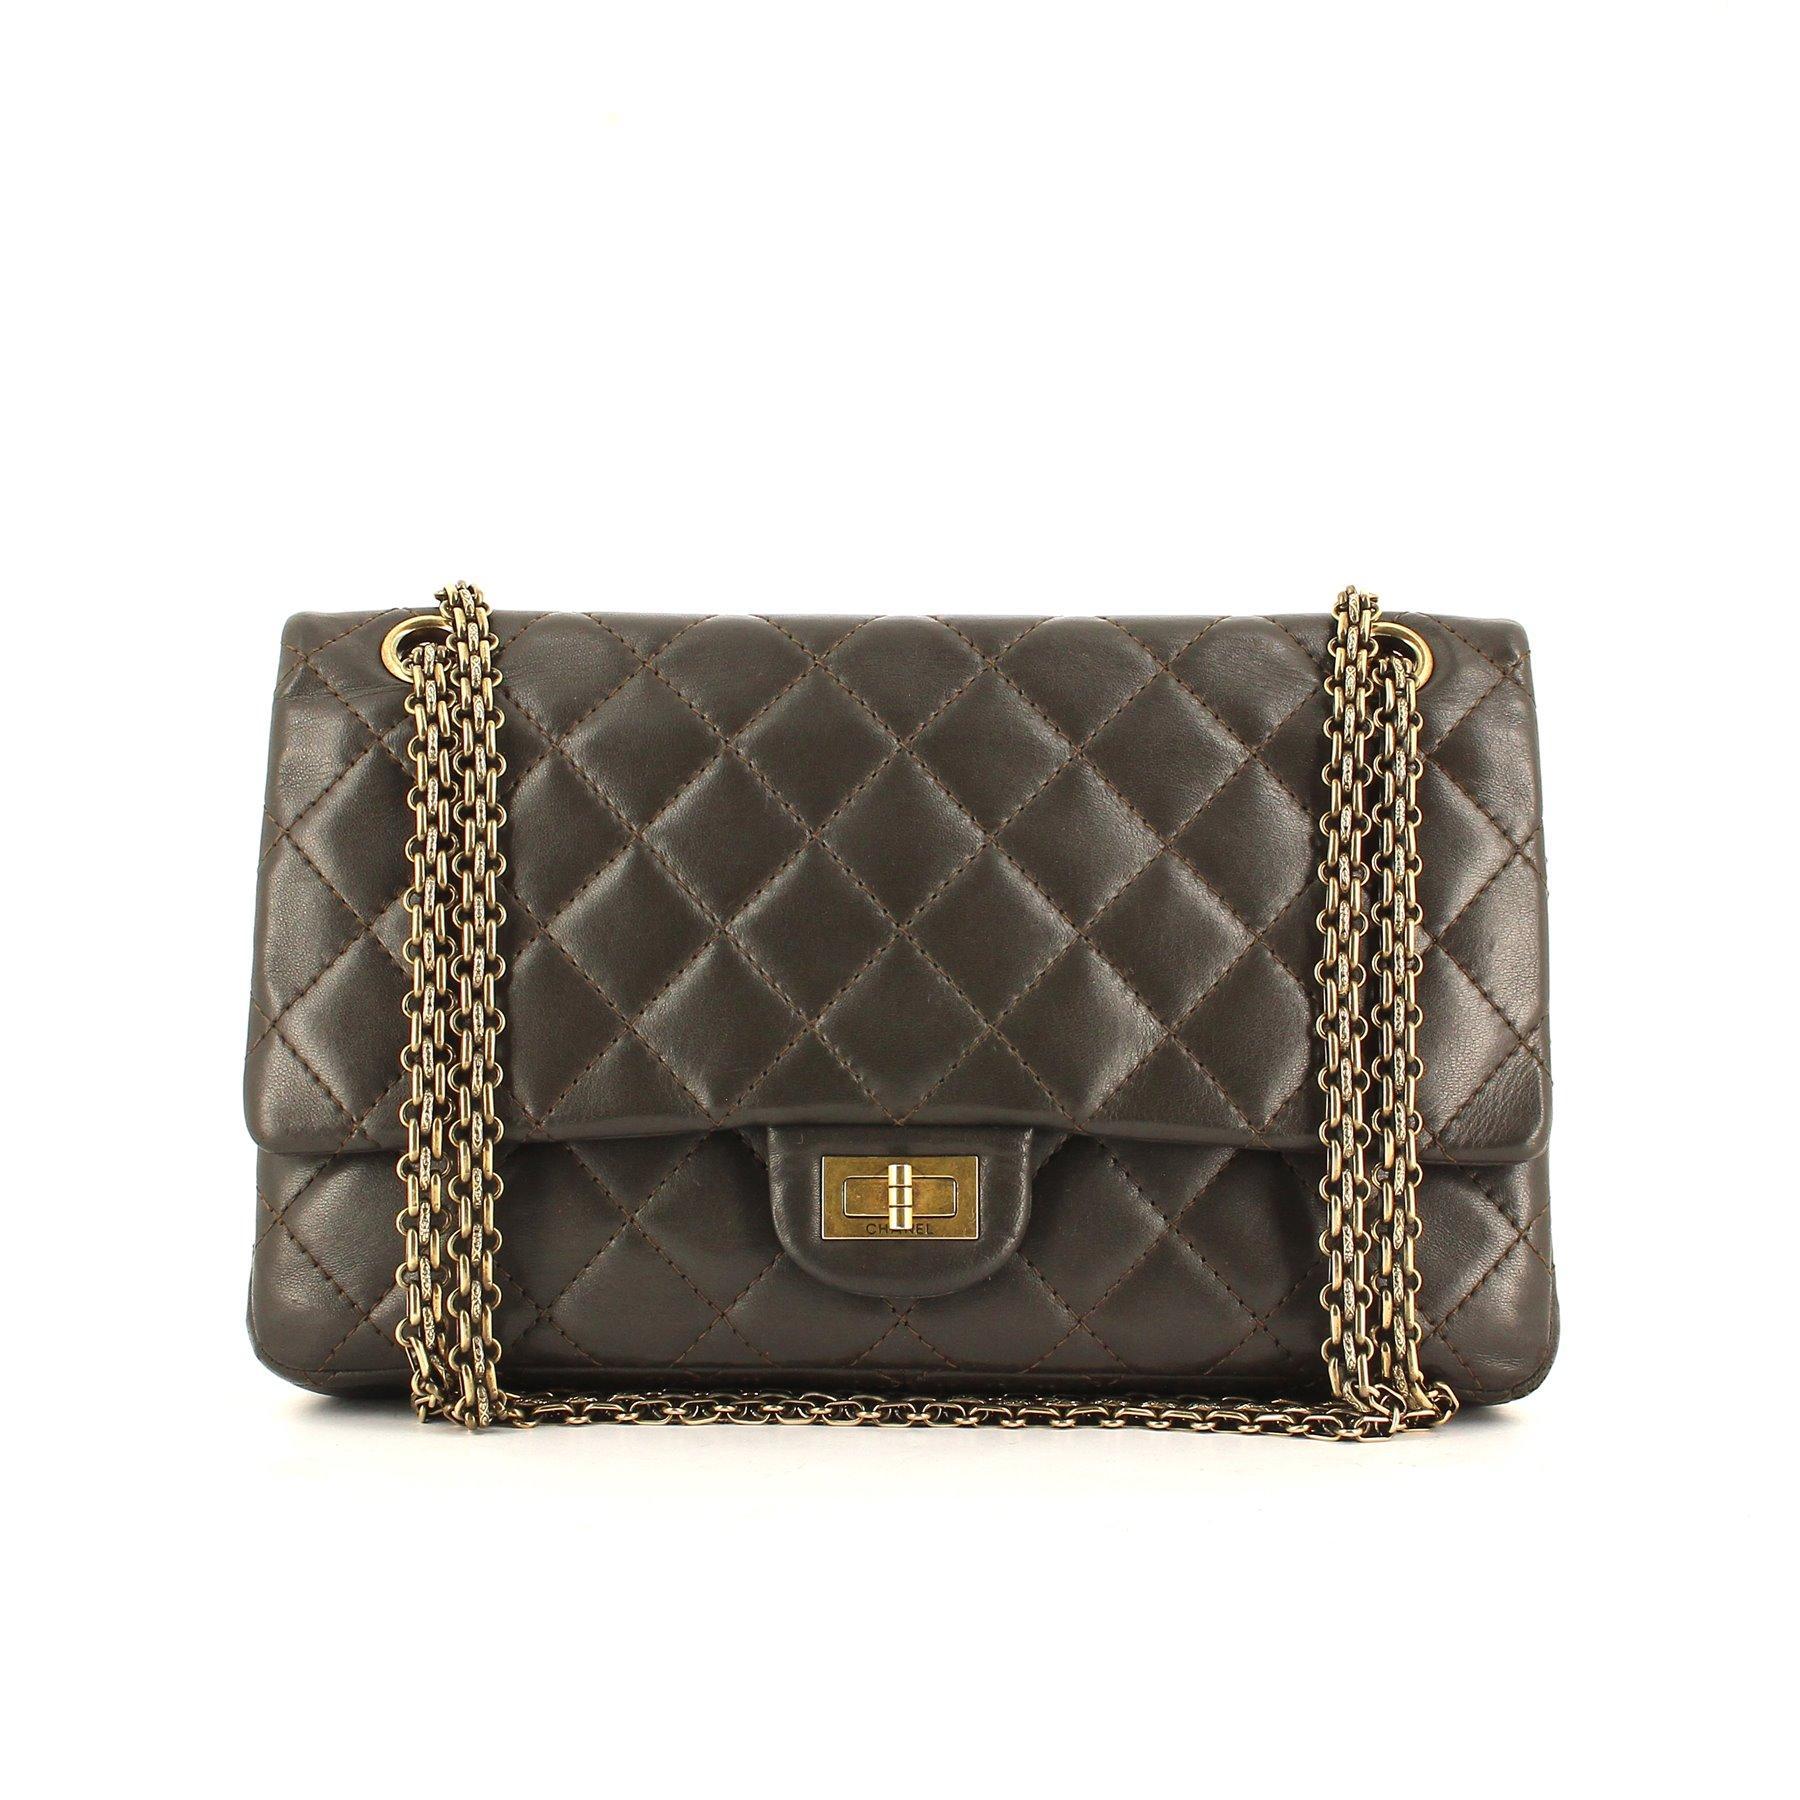 3c76aa34bca Le sac 2.55   les secrets de Coco Chanel à portée de main de toutes ...